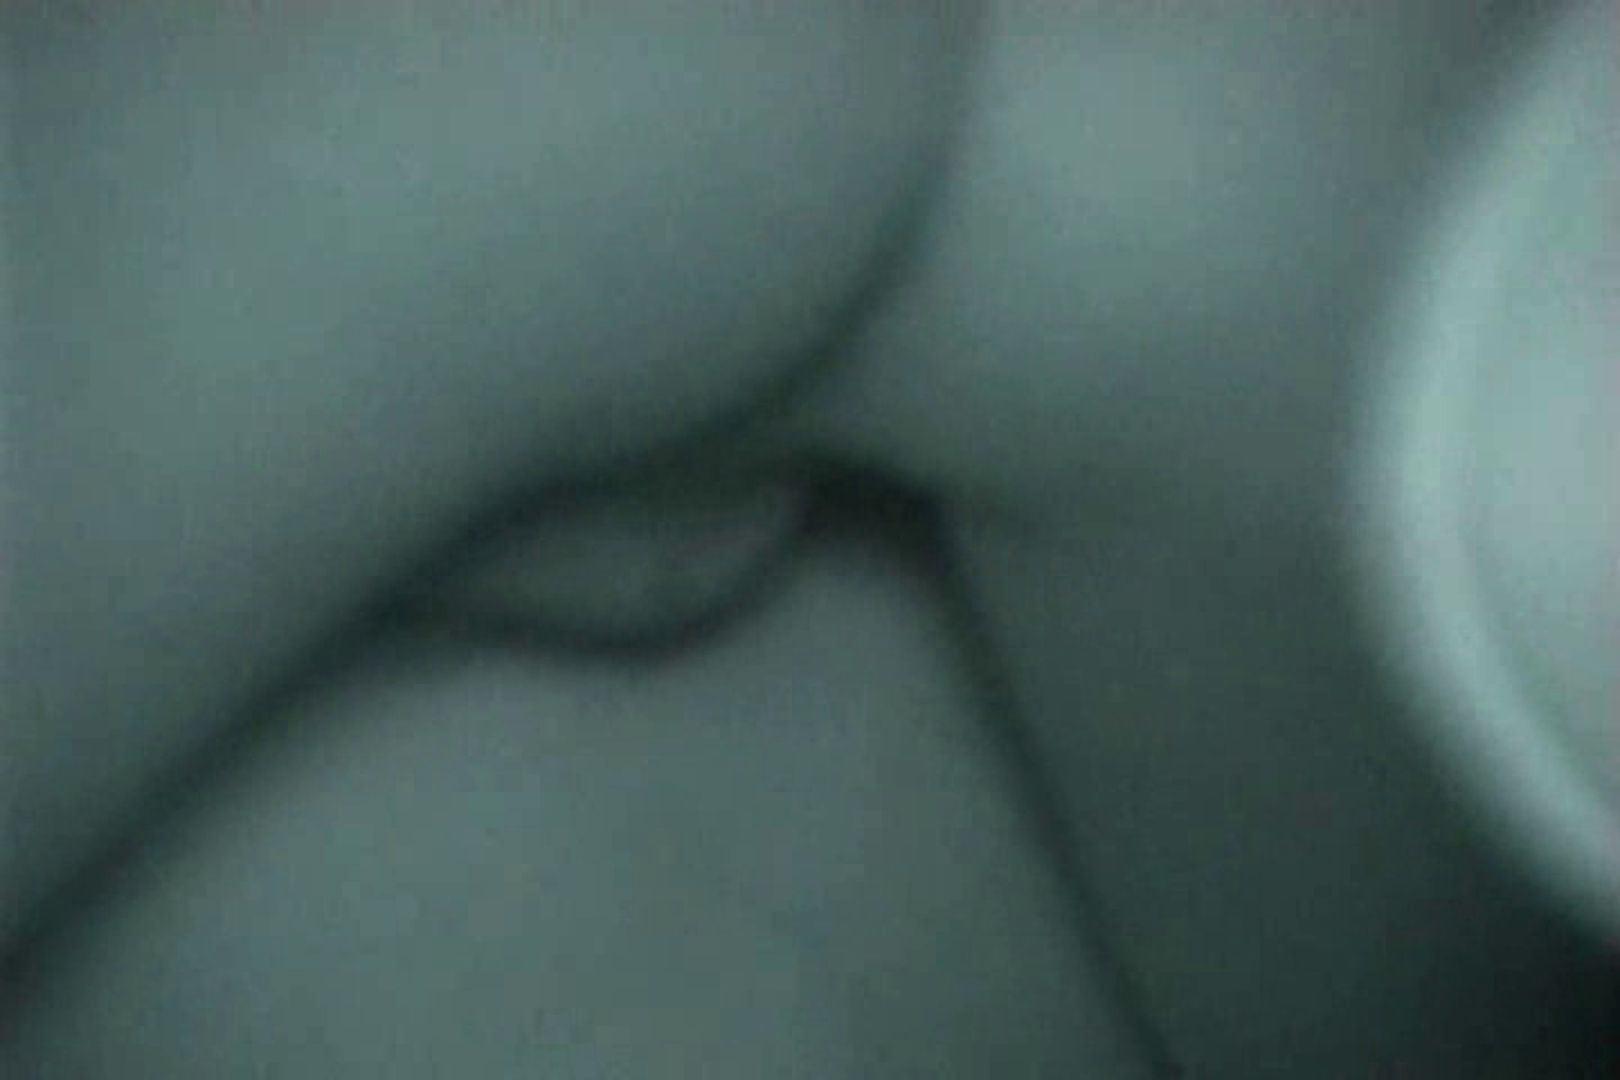 充血監督の深夜の運動会Vol.136 カップル | 赤外線  100画像 13